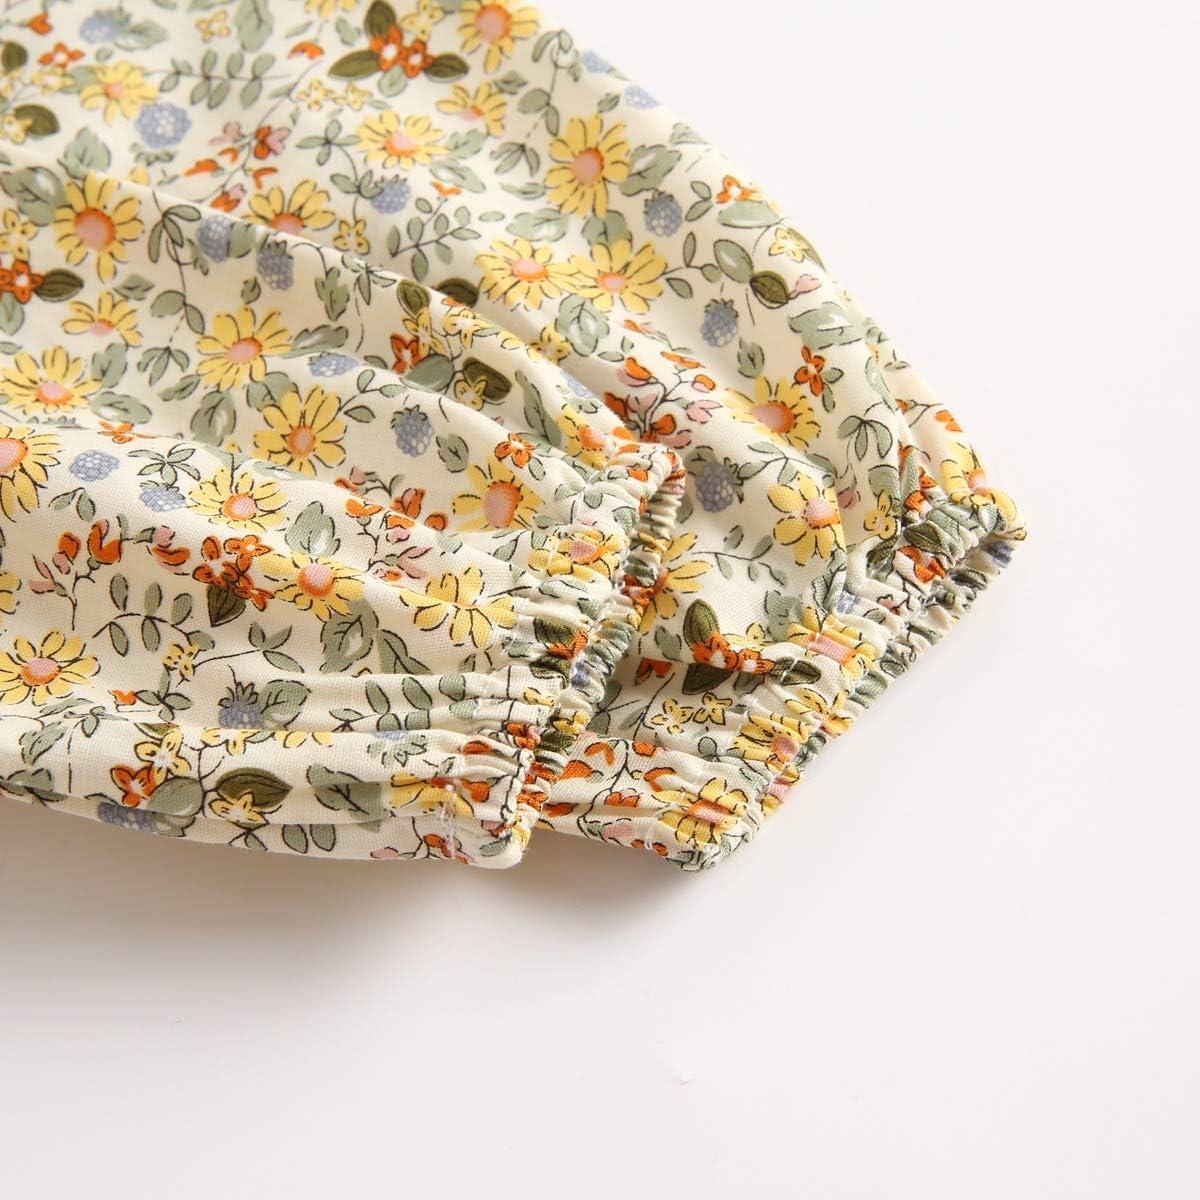 Sanlutoz Neugeborene Babykleidung Blume Baby M/ädchen Strampelh/öschen Baumwolle Lange /Ärmel S/äugling Kleidung